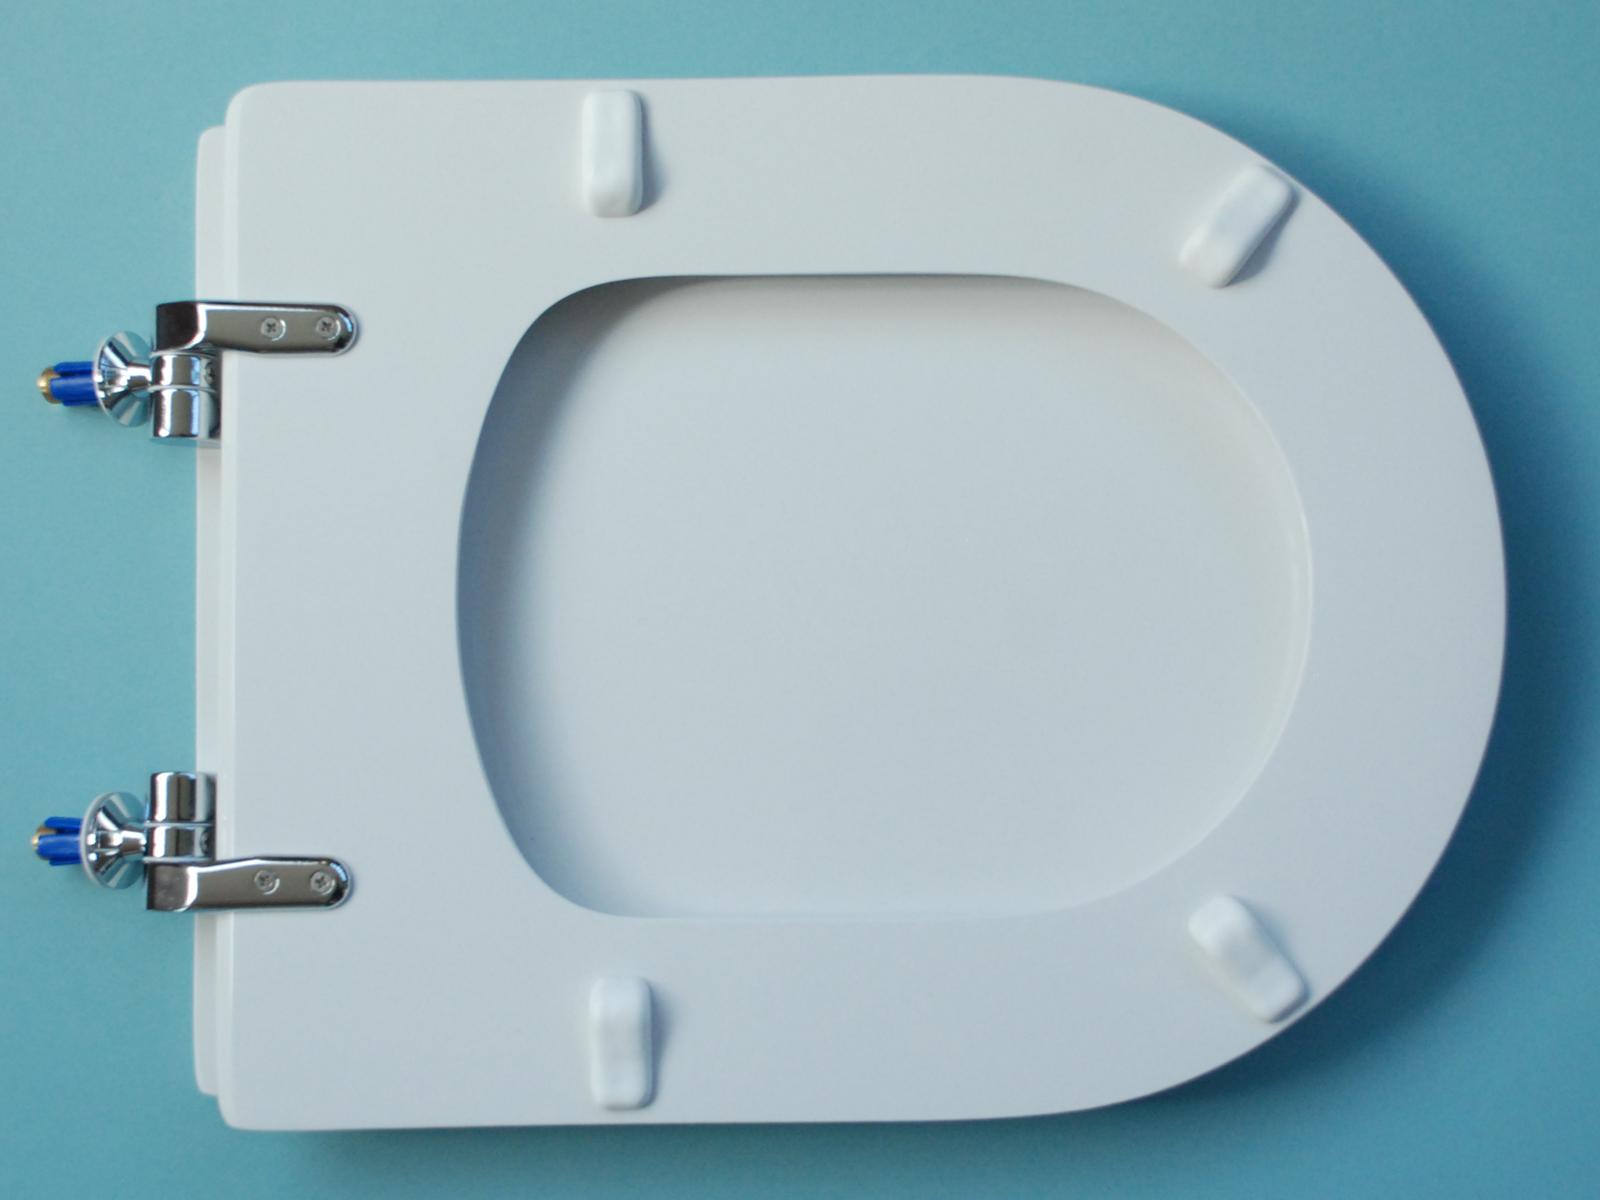 Sedili Wc Dolomite : Sedile wc copriwater per modello clodia soft close marca dolomite